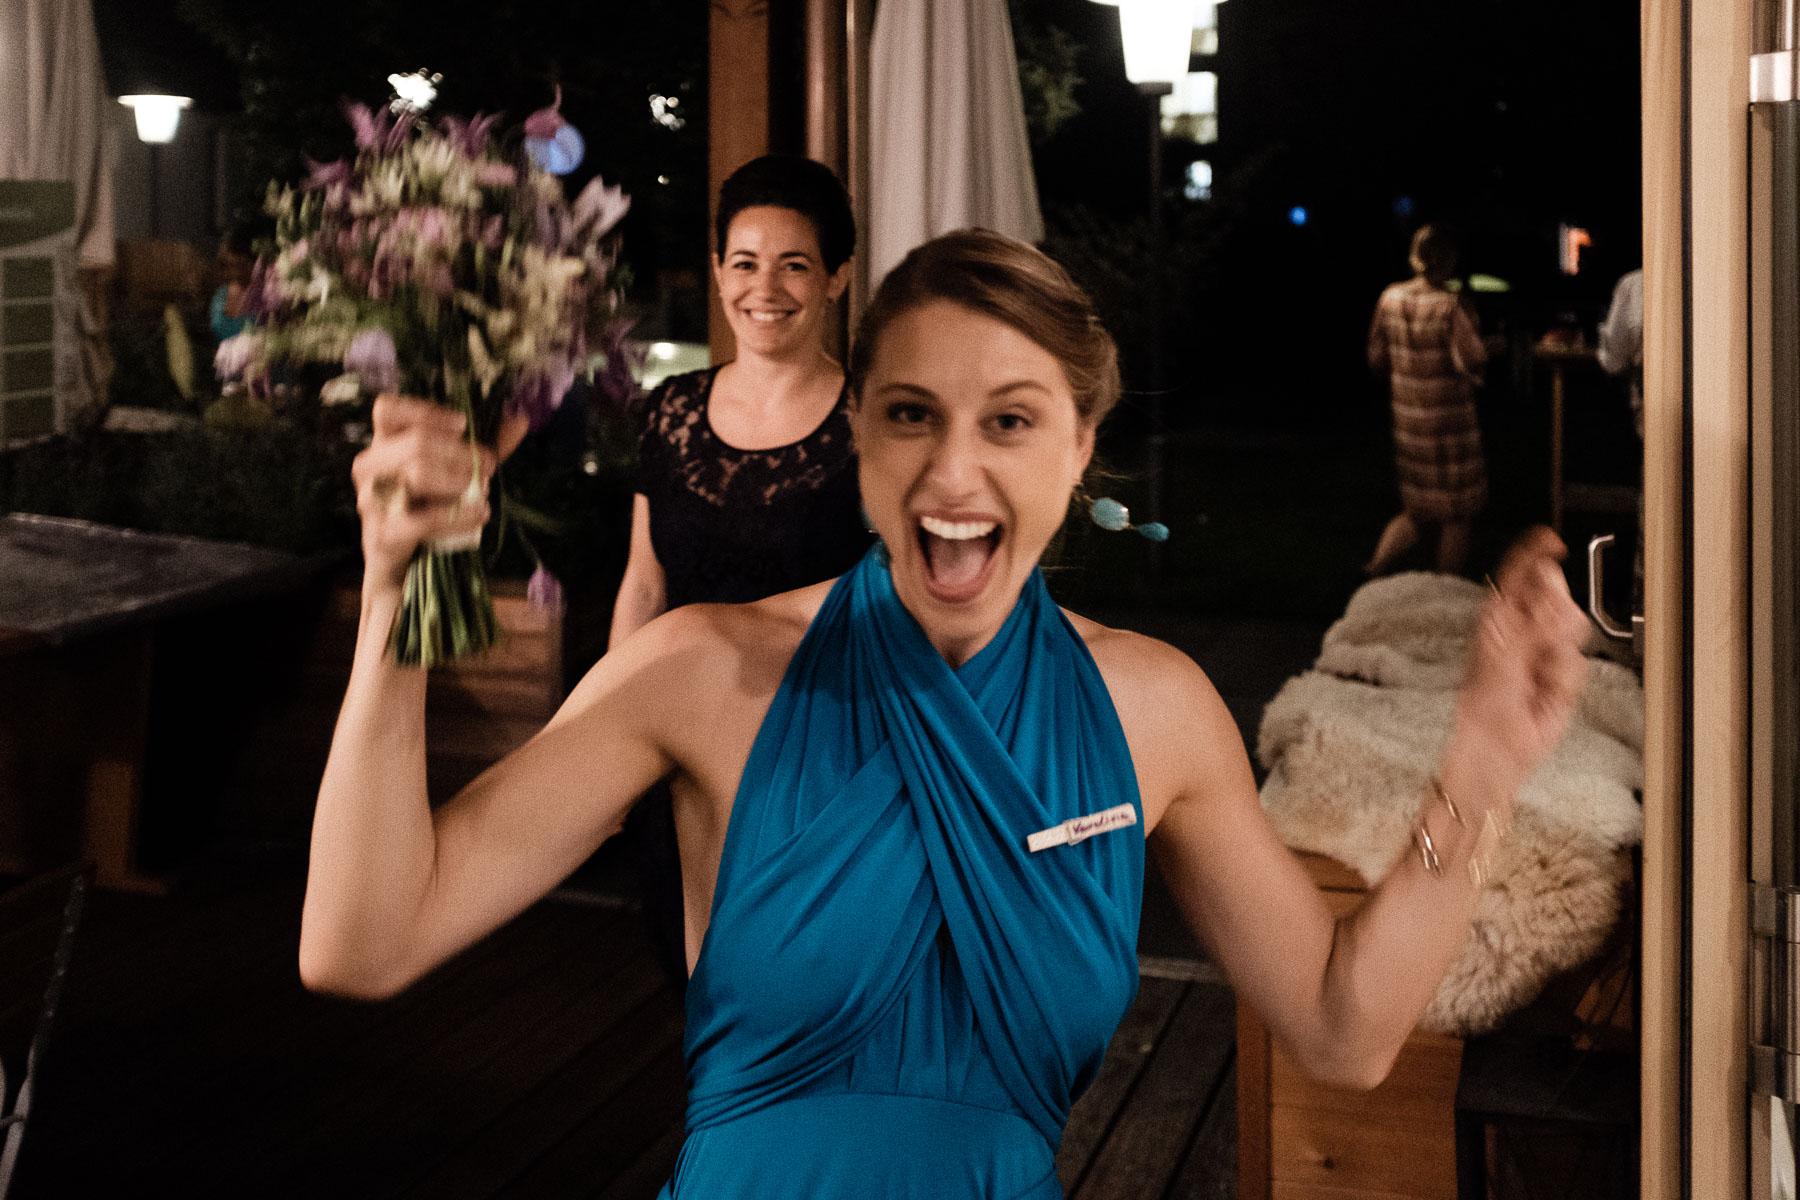 MartinLiebl_Hochzeitsfotograf_LCL_II_Blog_79.jpg